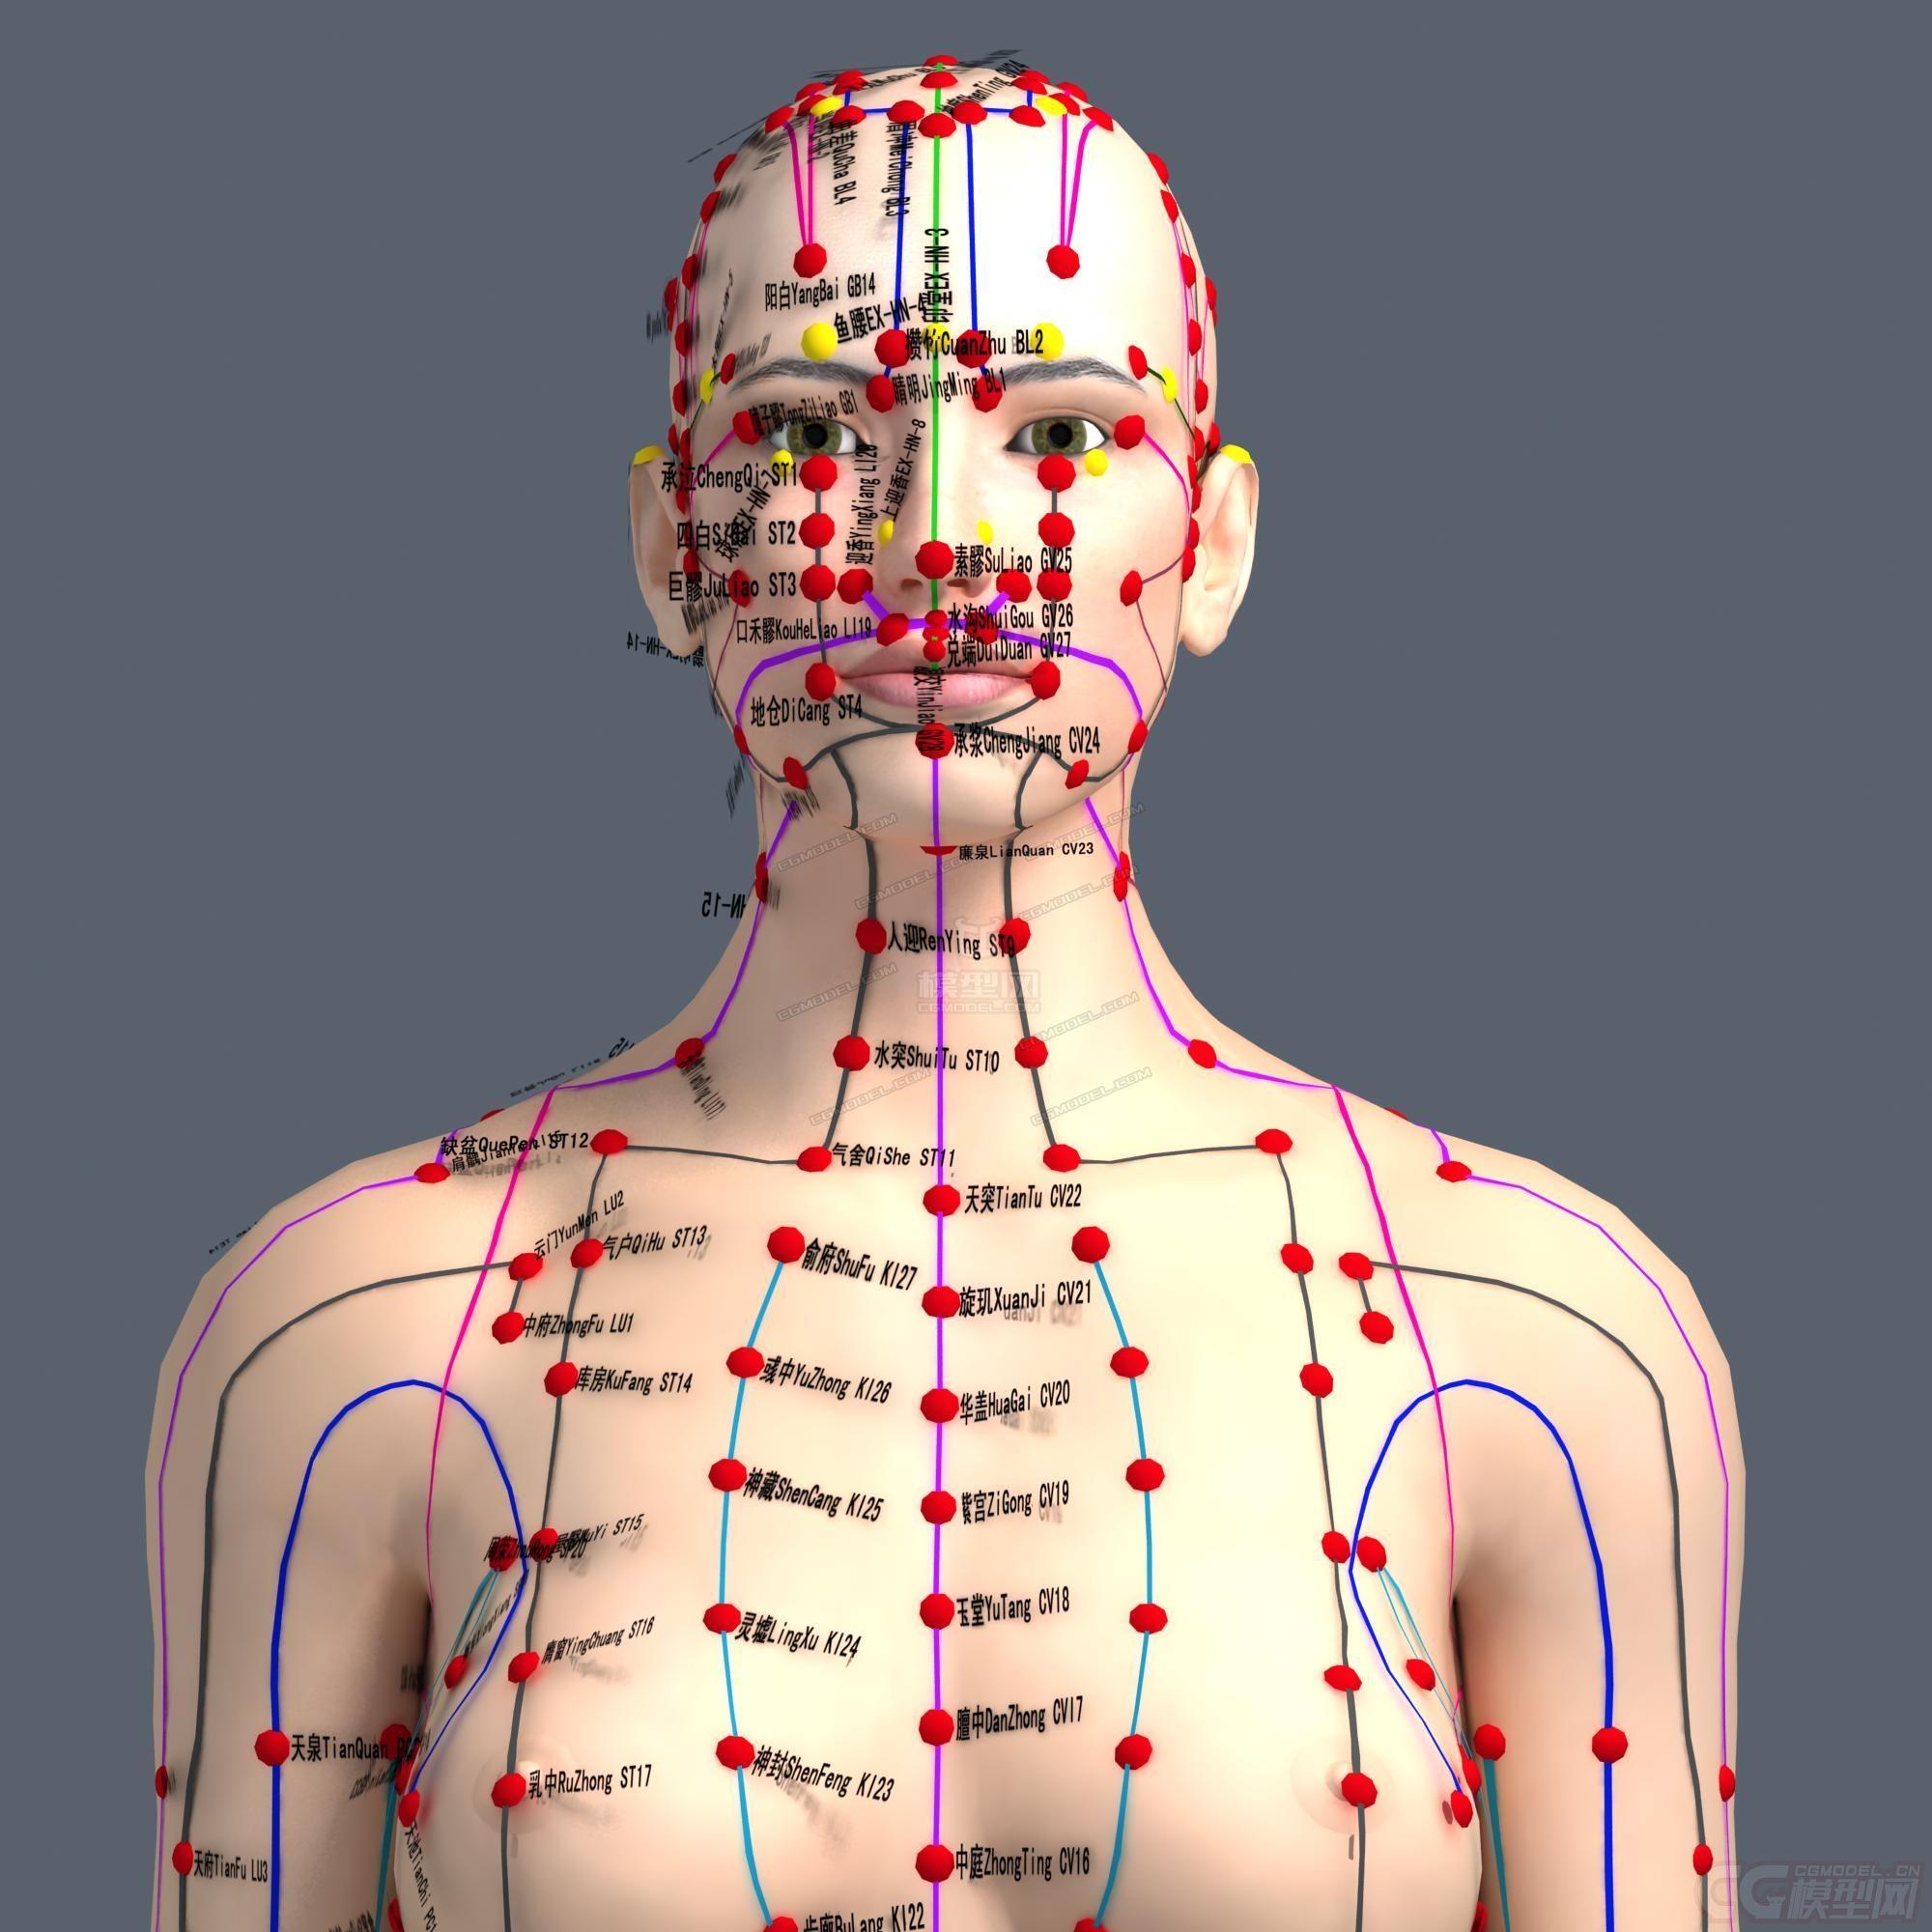 三维人体模型_经脉穴位女人体器官人体任督二脉女人基础人体静脉医疗用3d穴位 ...